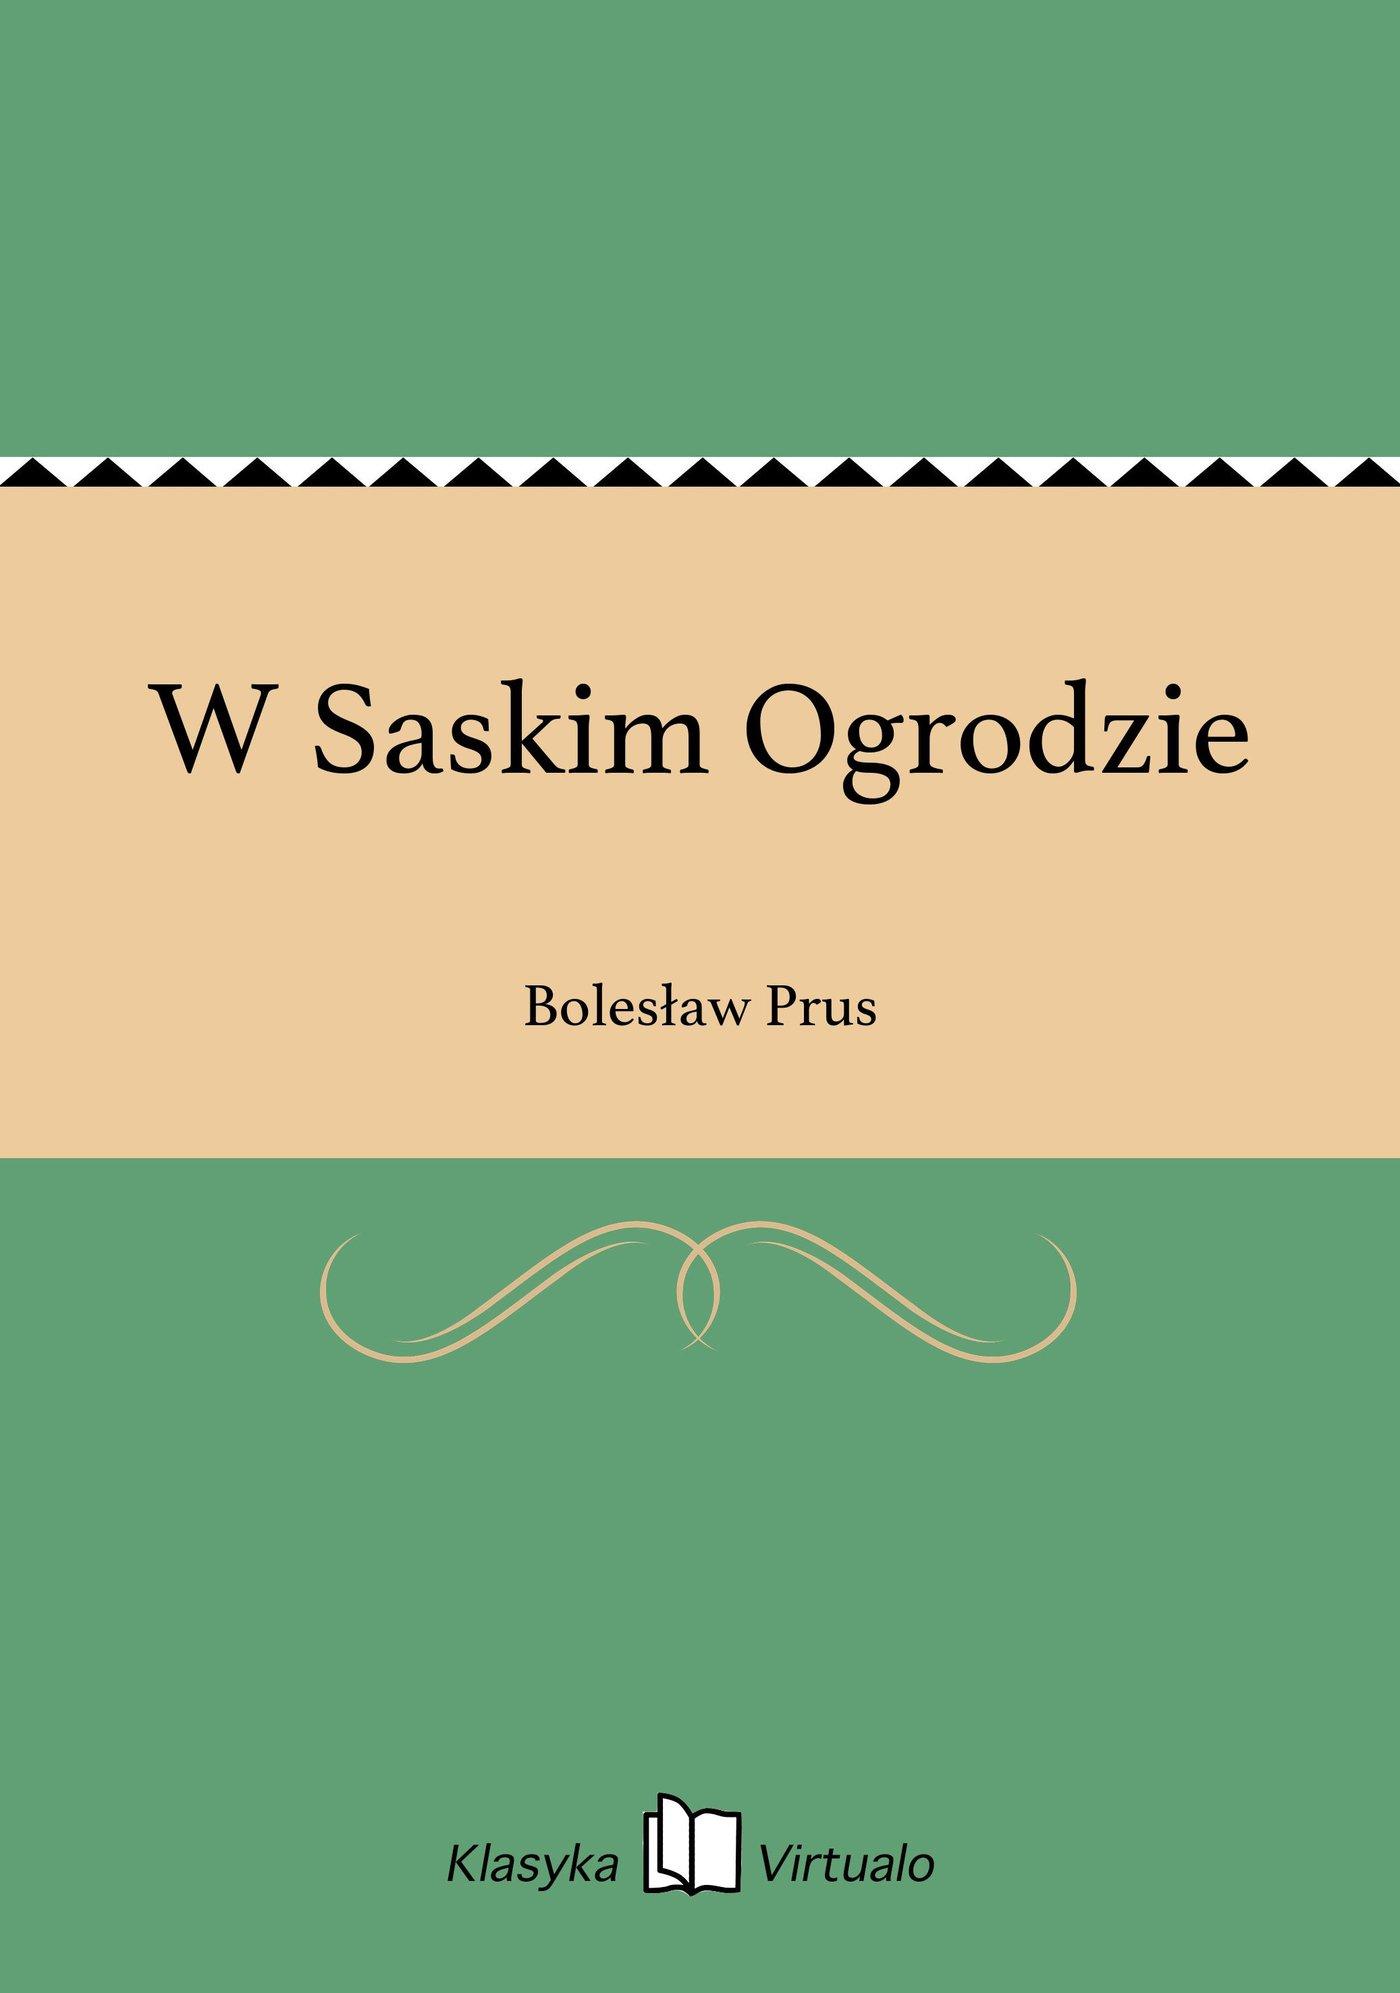 W Saskim Ogrodzie - Ebook (Książka EPUB) do pobrania w formacie EPUB